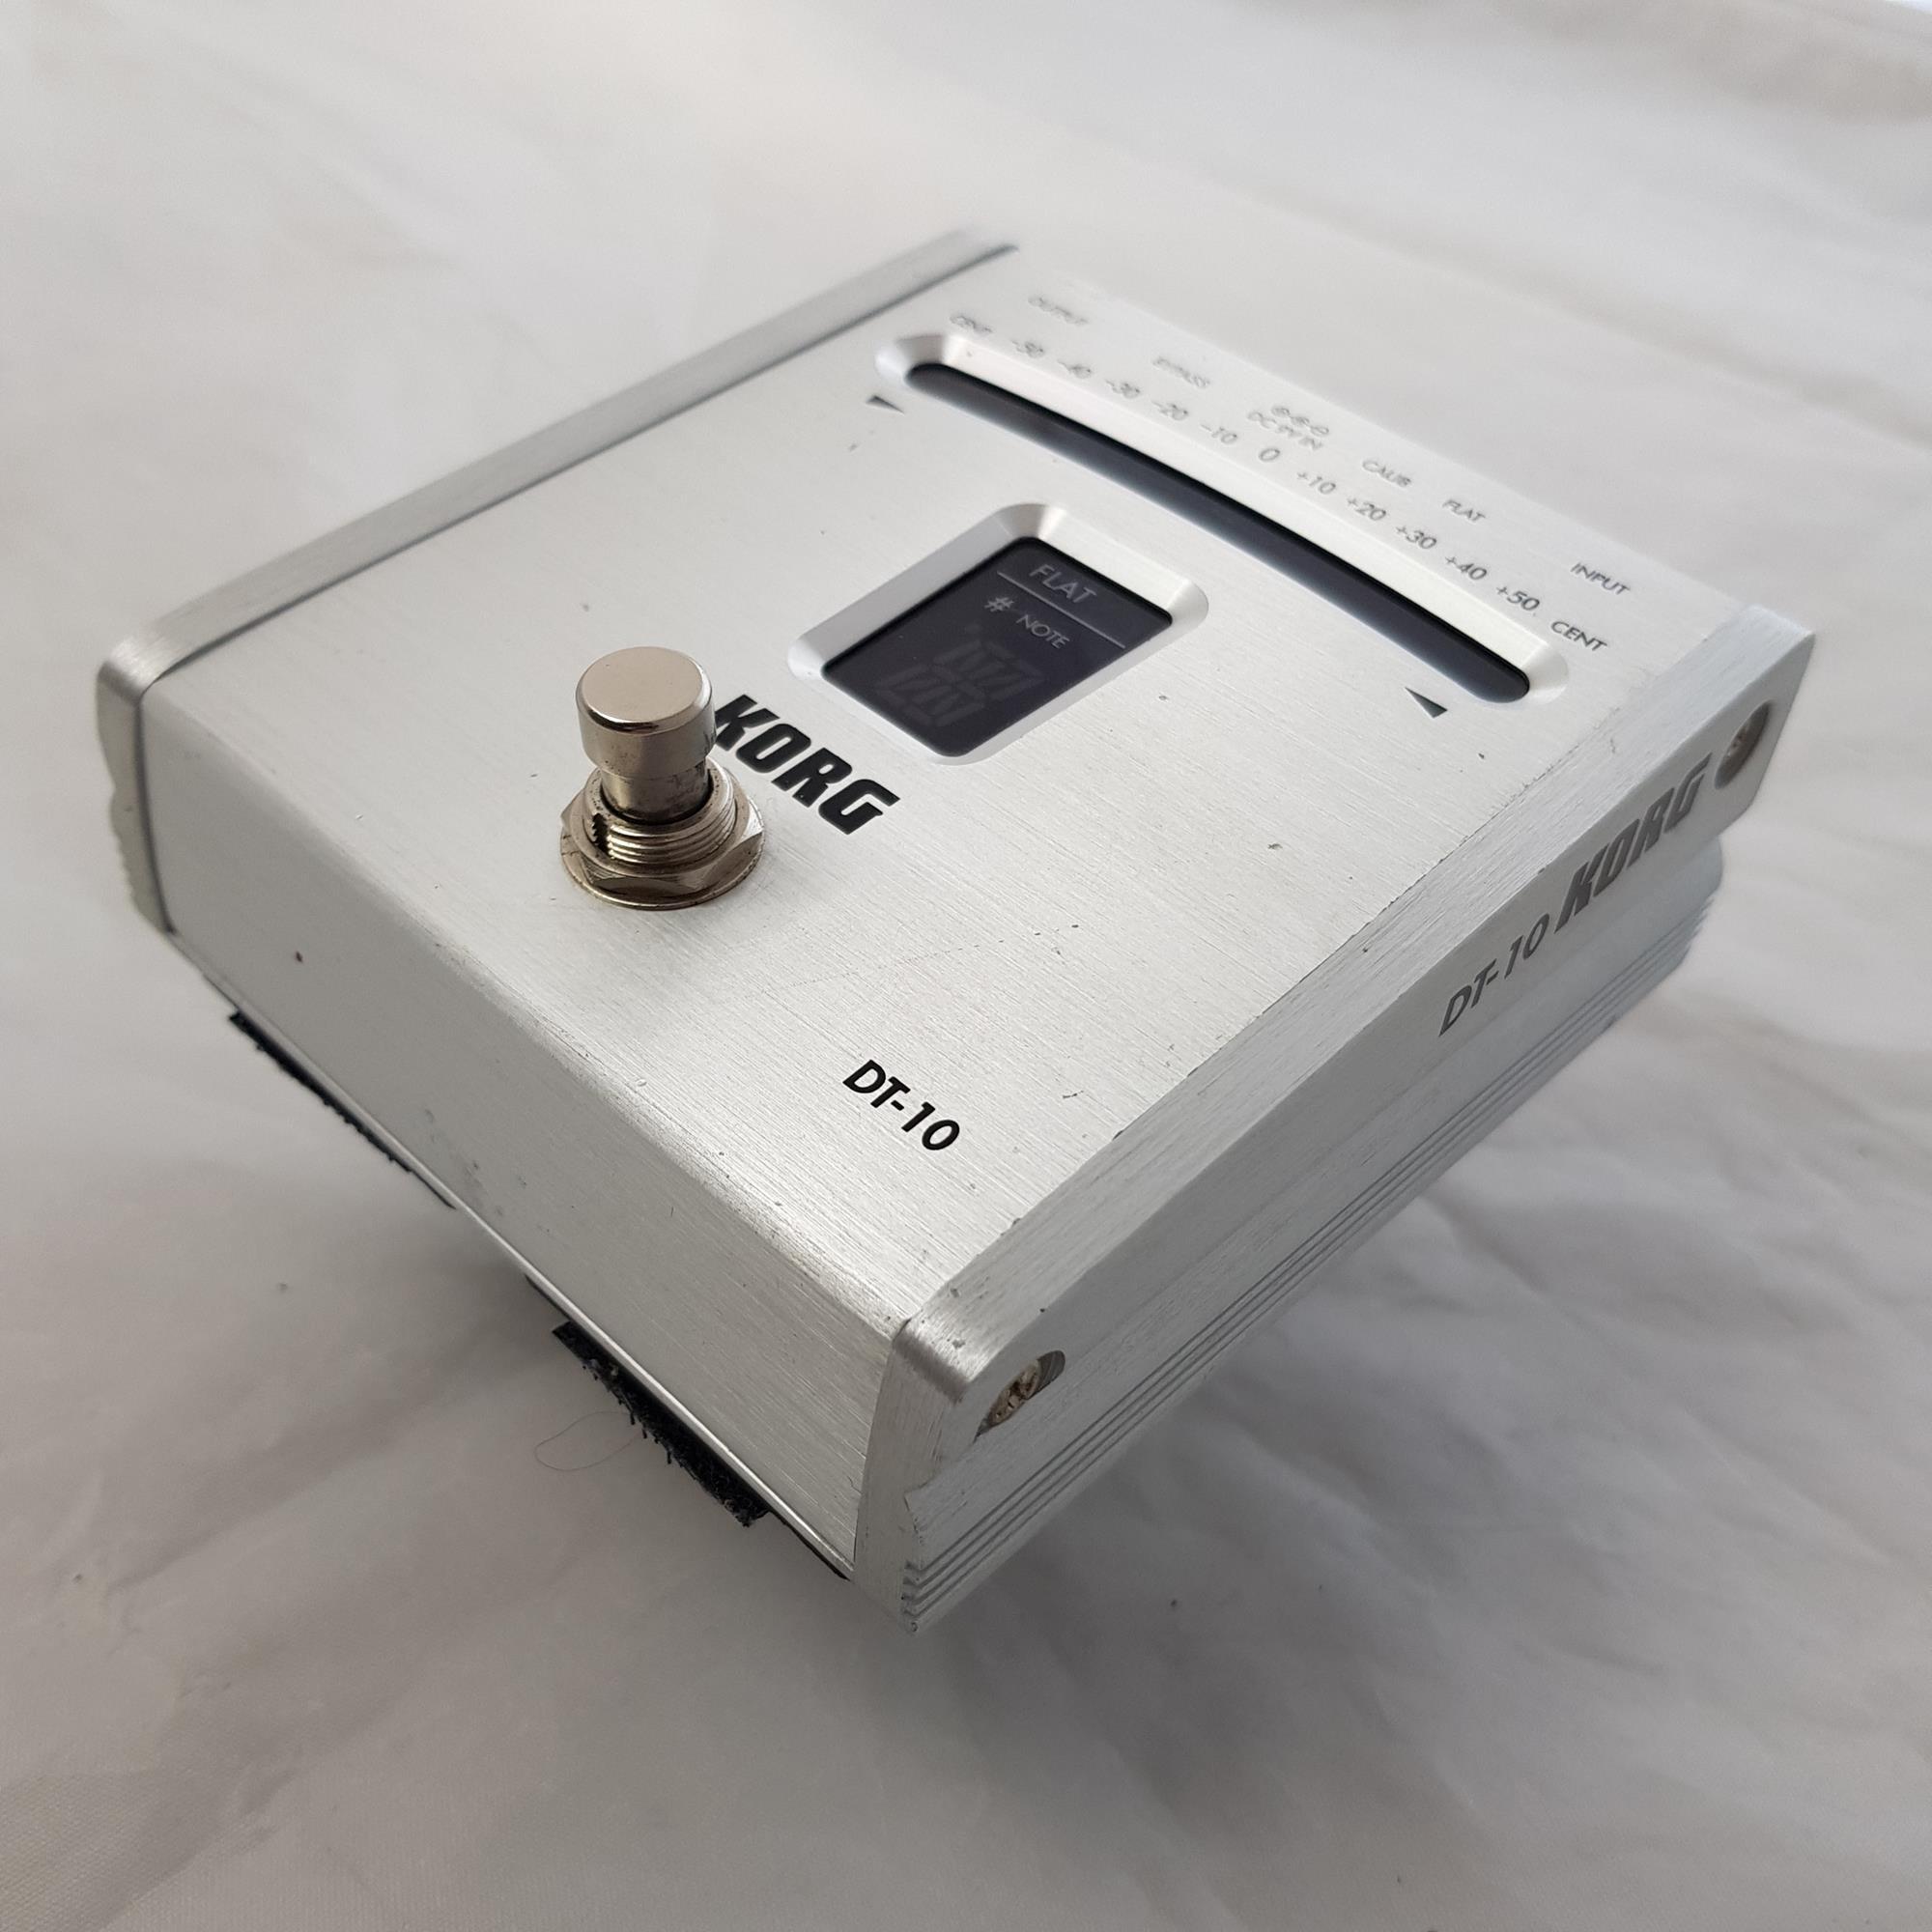 KORG-DT-10-TUNER-sku-1623508370945